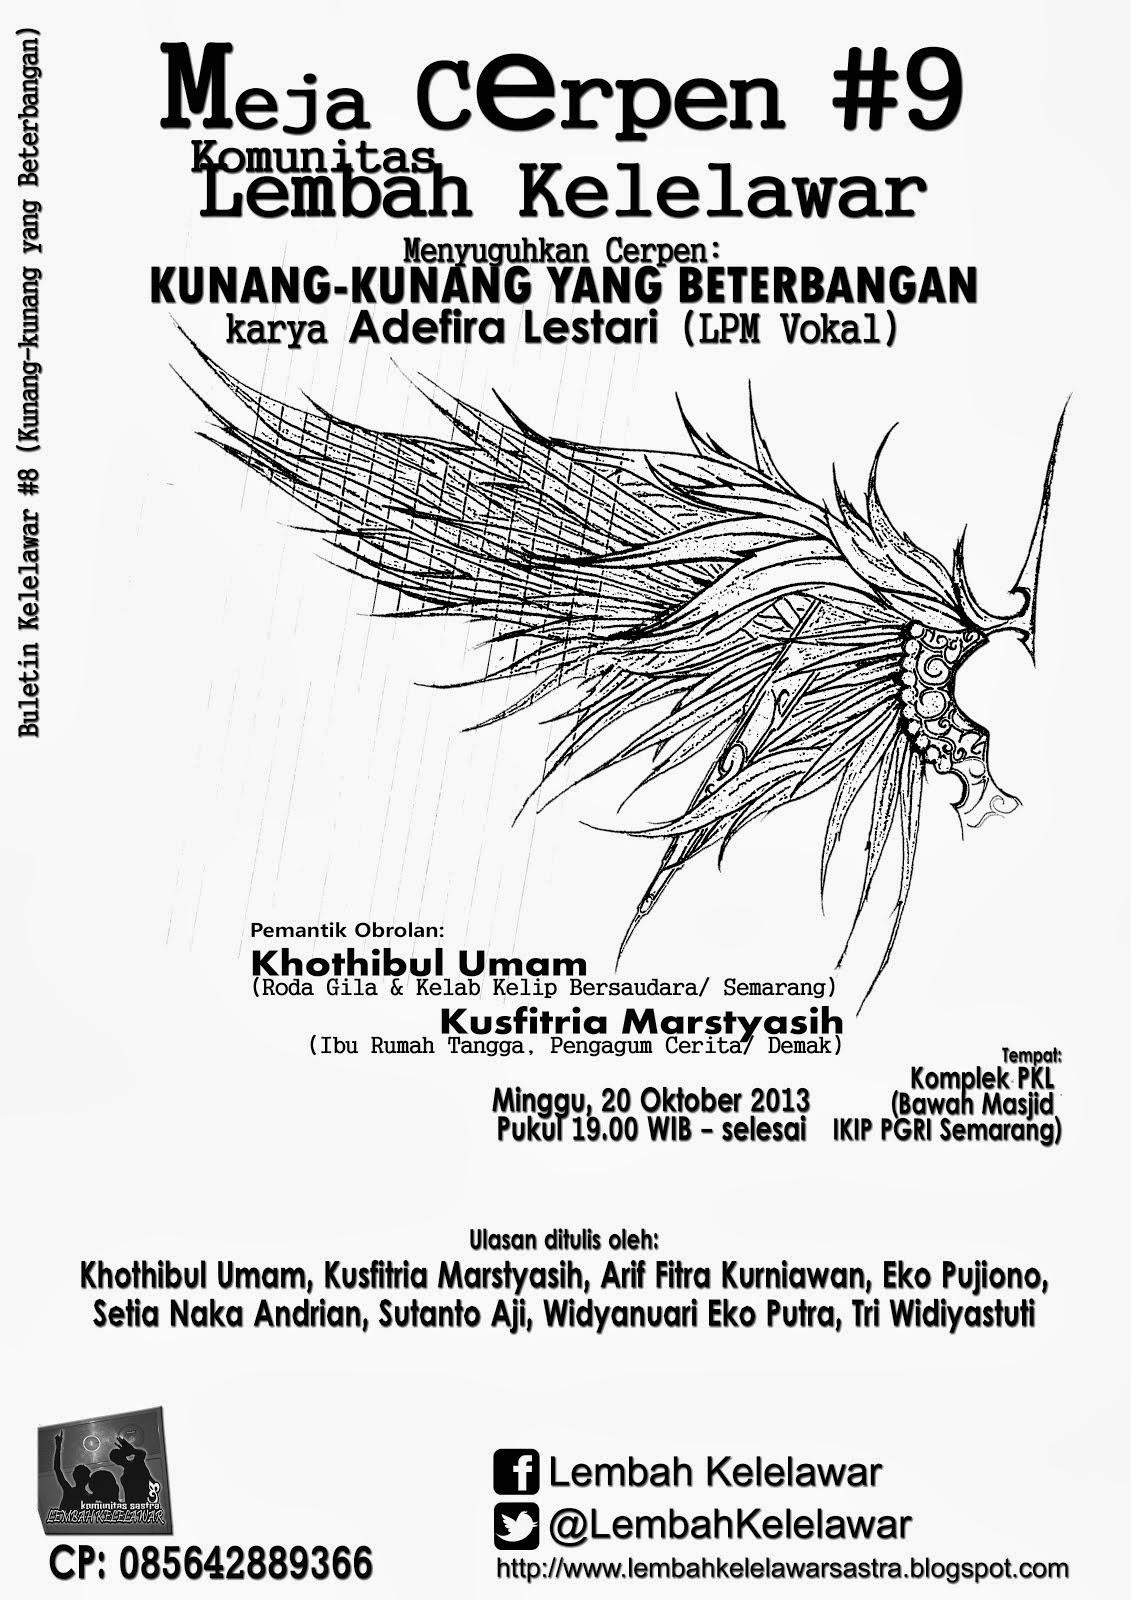 Buletin Kelelawar #8 (Kunang-kunang yang Beterbangan)